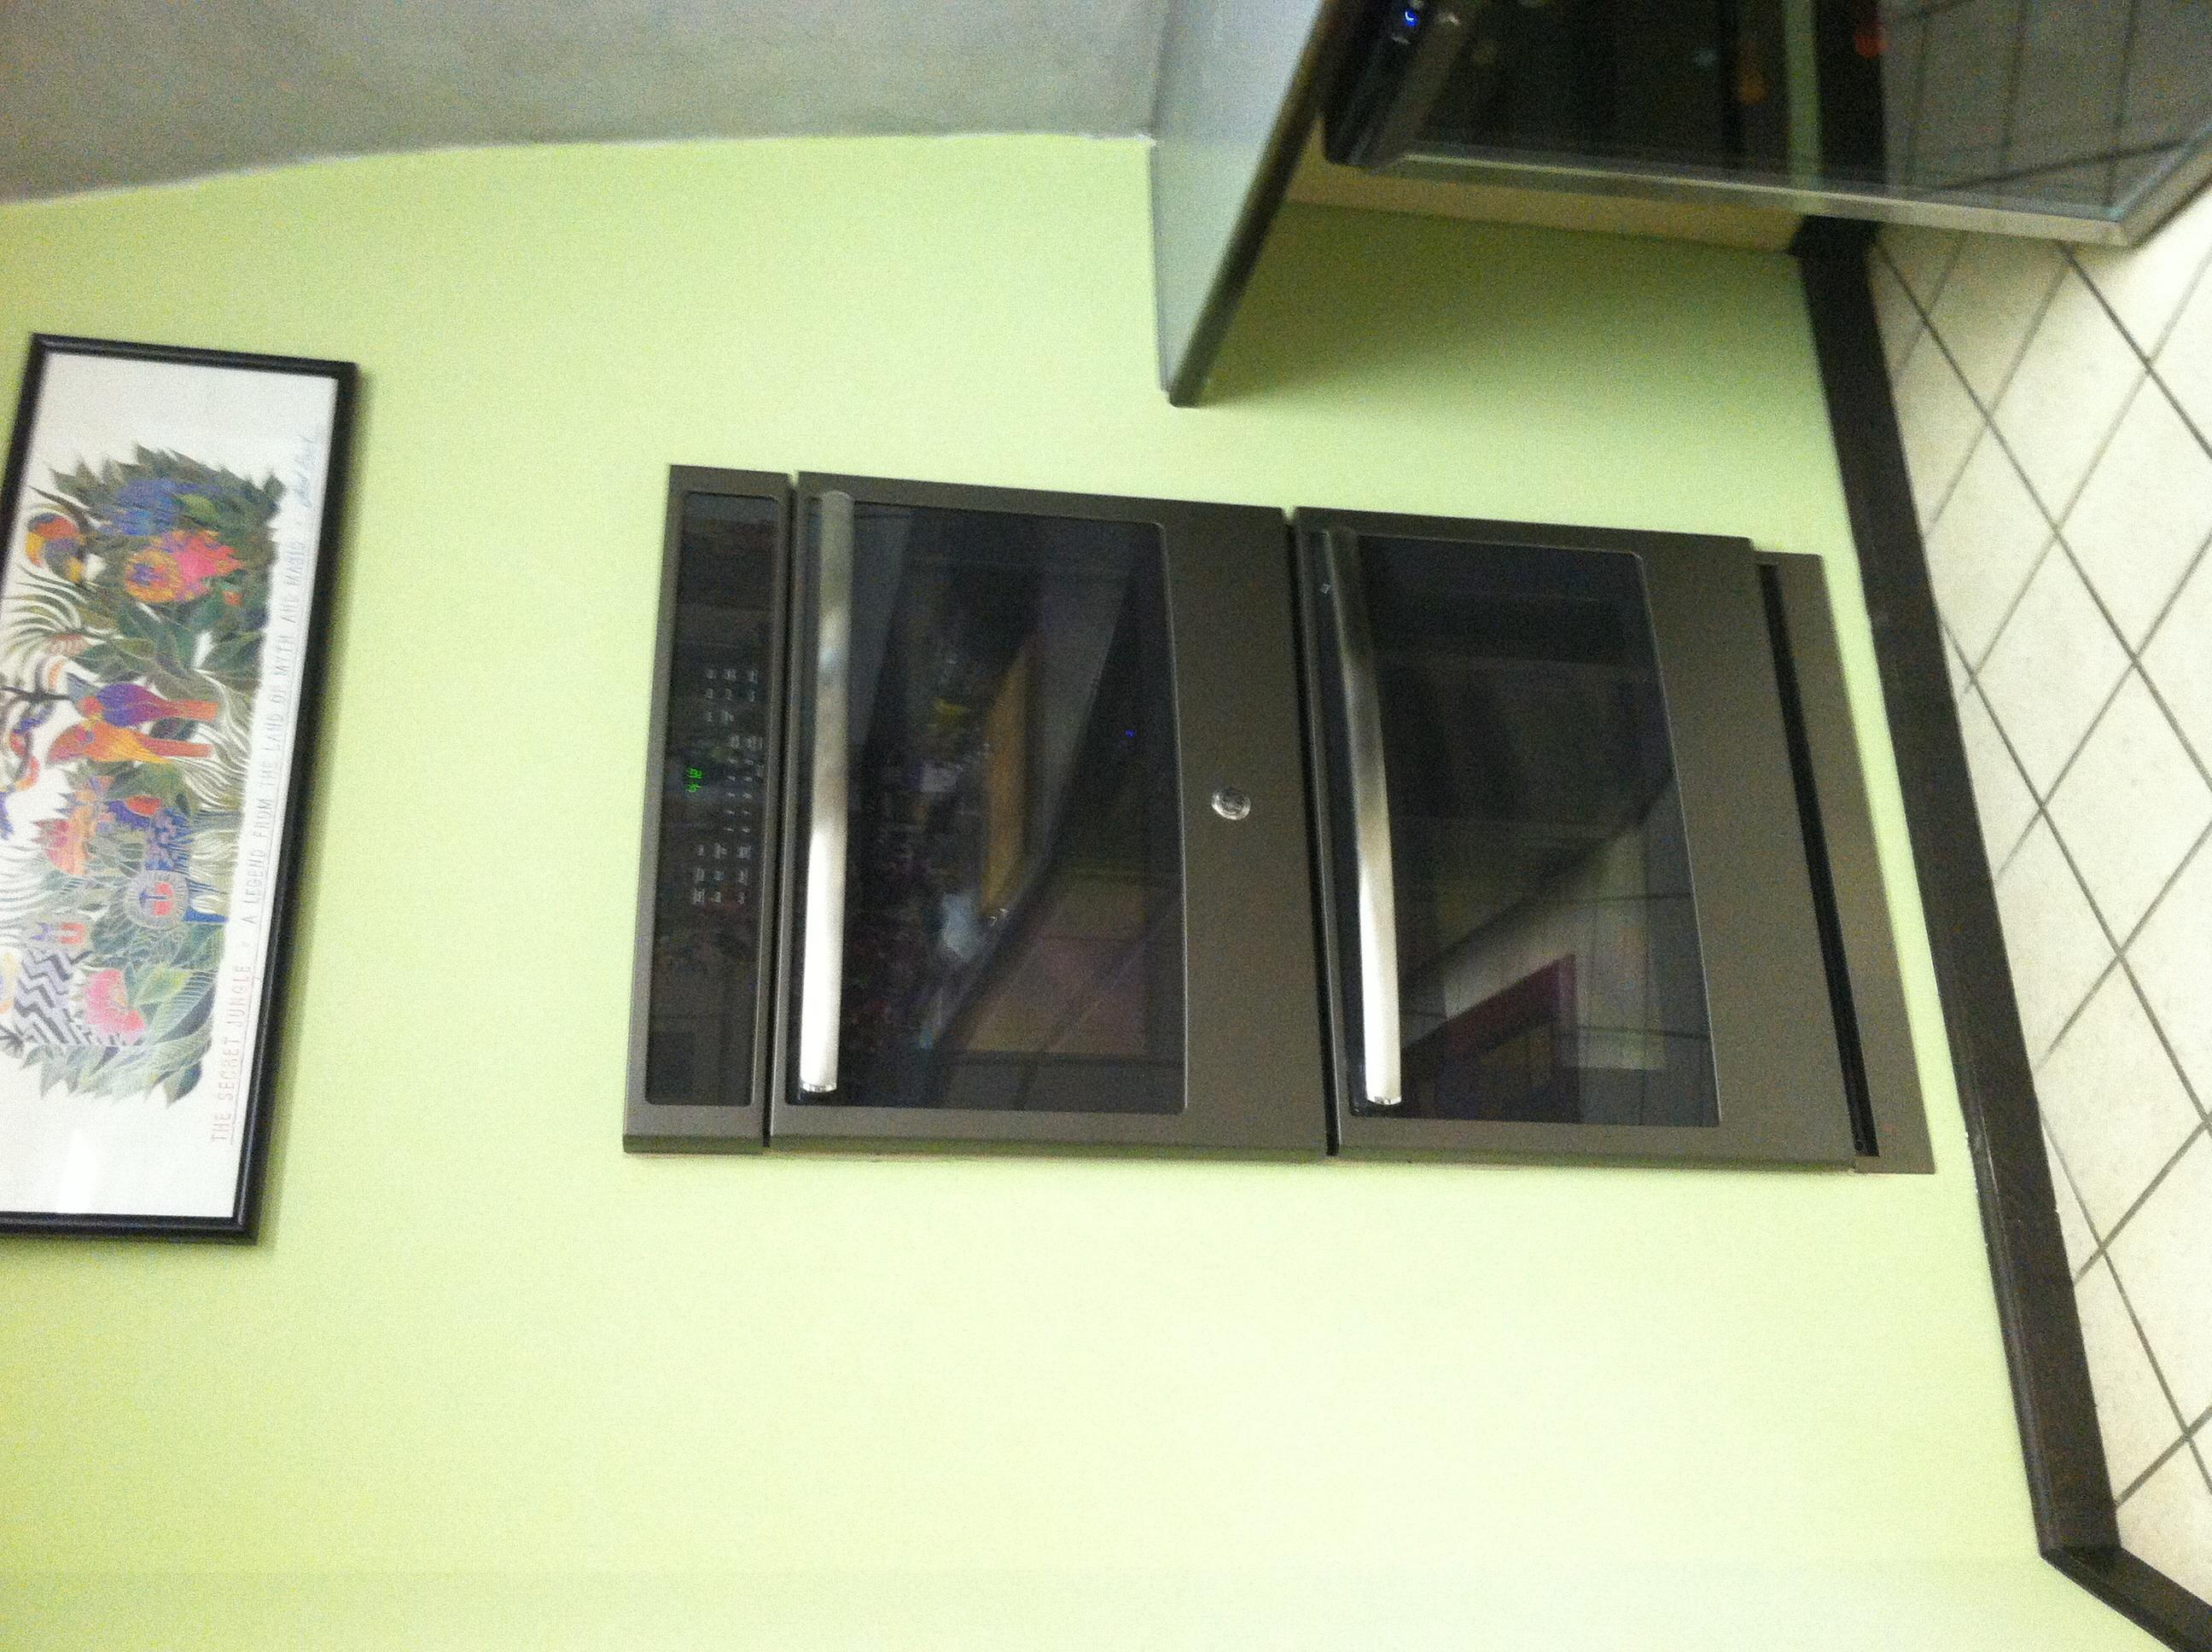 Ge Appliance Repair Kansas City Harris County Appliance Repair Hamilton Ga 31811 Ypcom